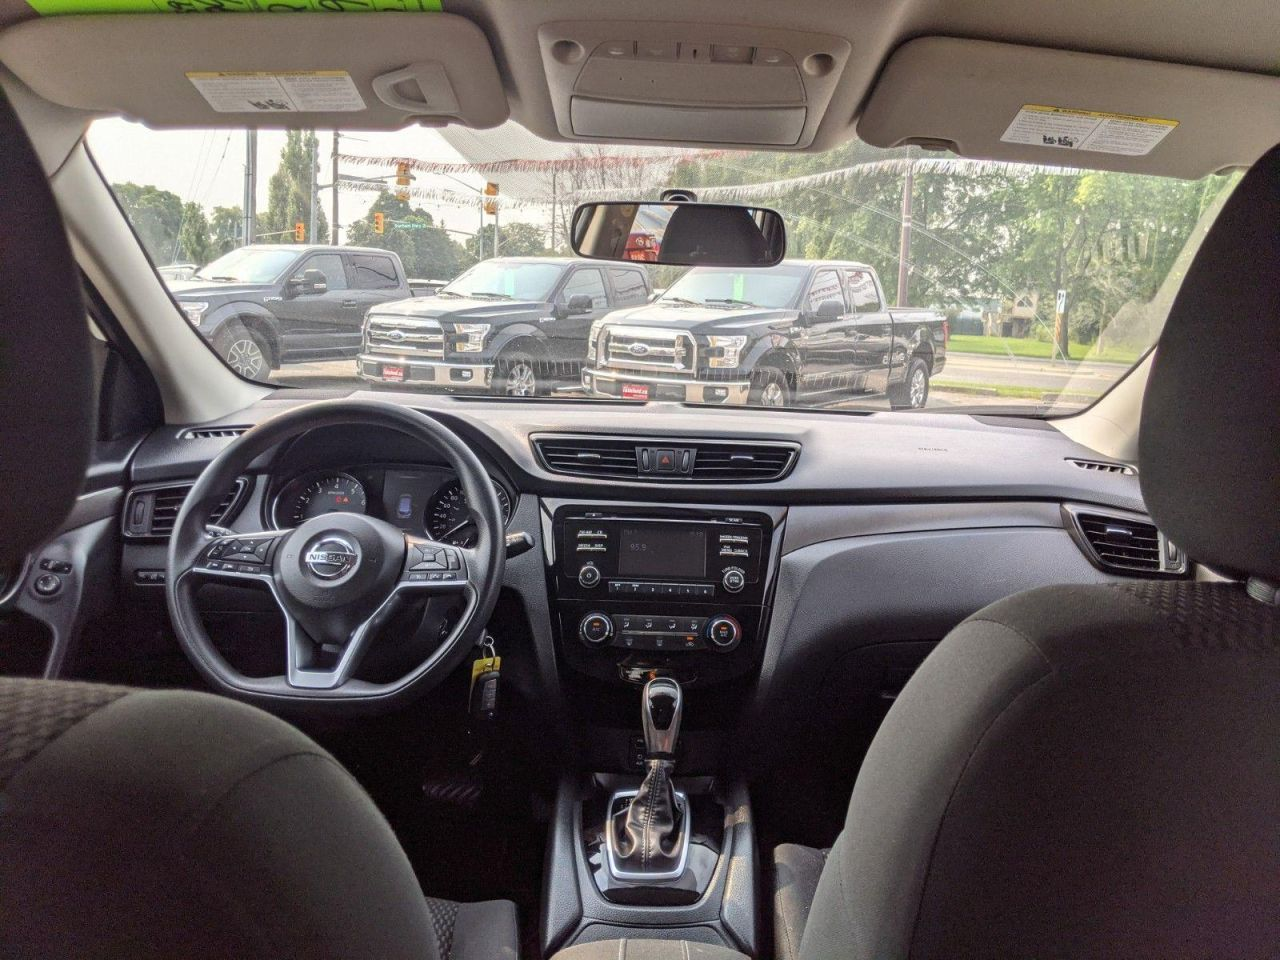 2017 Nissan Qashqai